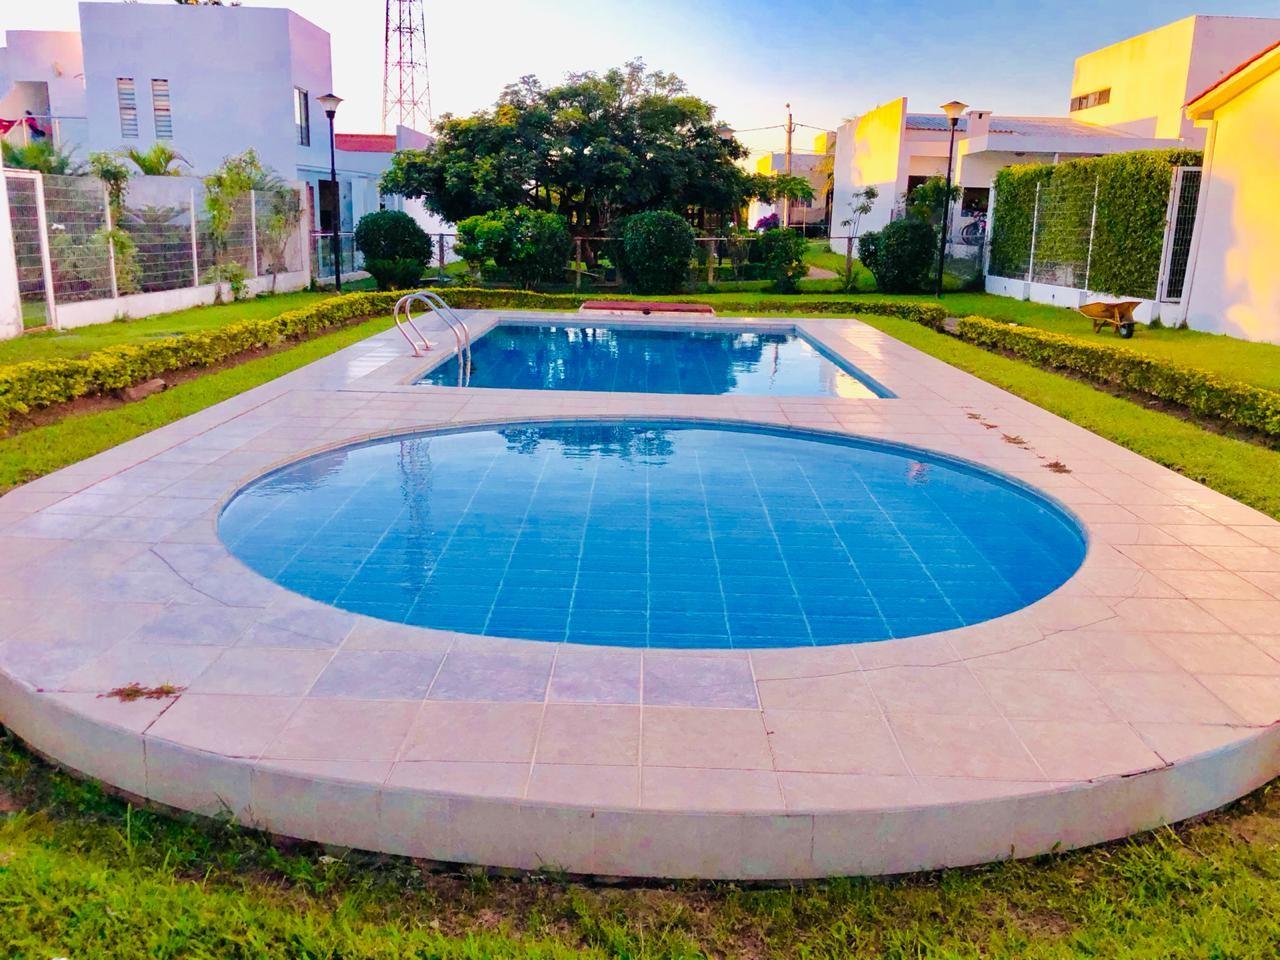 Casa en Alquiler Zona Urubo - Condominio Jardines del Urubo - lado de Restaurante Casa del Camba - a 1 minuto del Puente principal. Foto 10